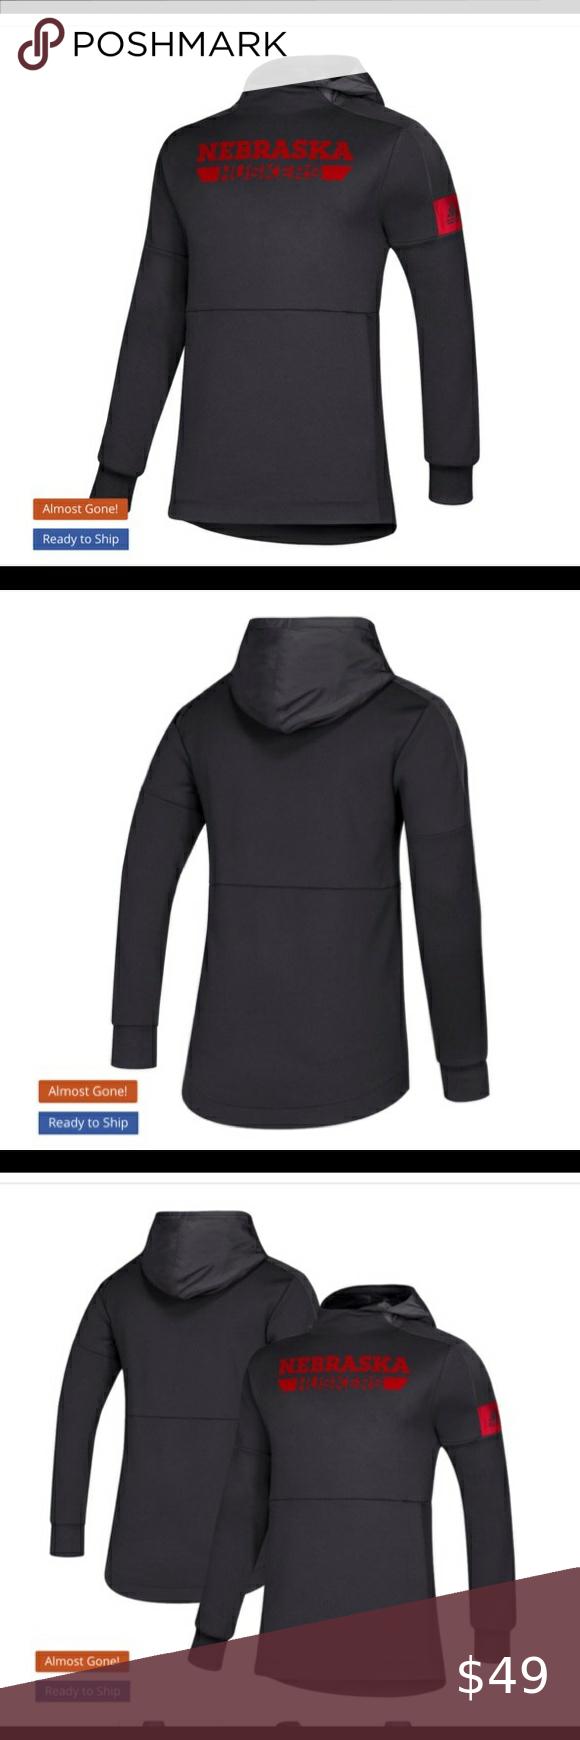 Adidas Nebraska Cornhuskers Game Mode Hoodie Nwt Black Dress Shirt Men Sweatshirts Hoodie Grey Adidas Hoodie [ 1740 x 580 Pixel ]